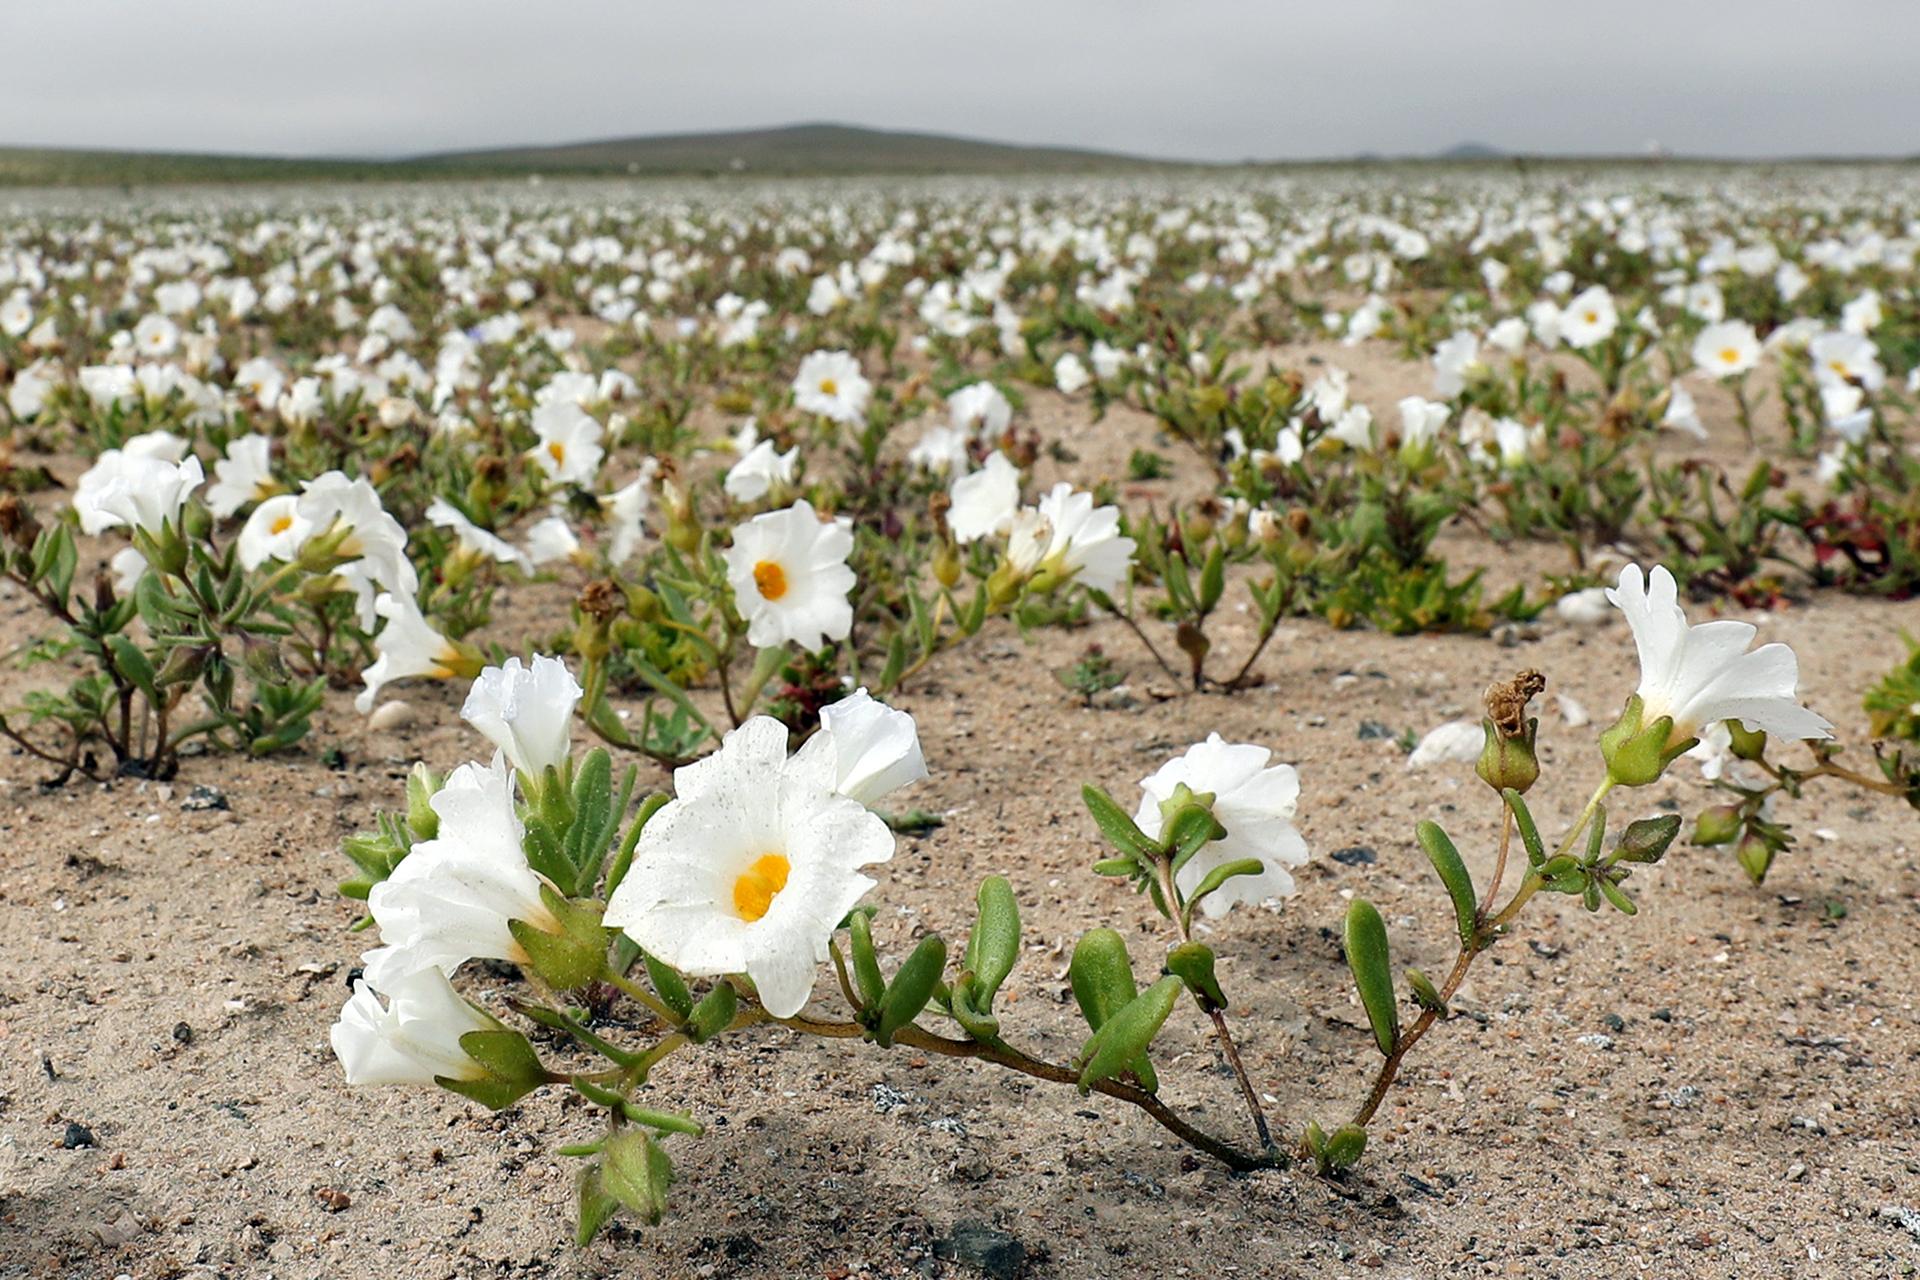 Las intensas y sorpresivas precipitaciones dieron paso al deslumbrante desierto florido en Atacama, el más árido y soleado del mundo (EFE)